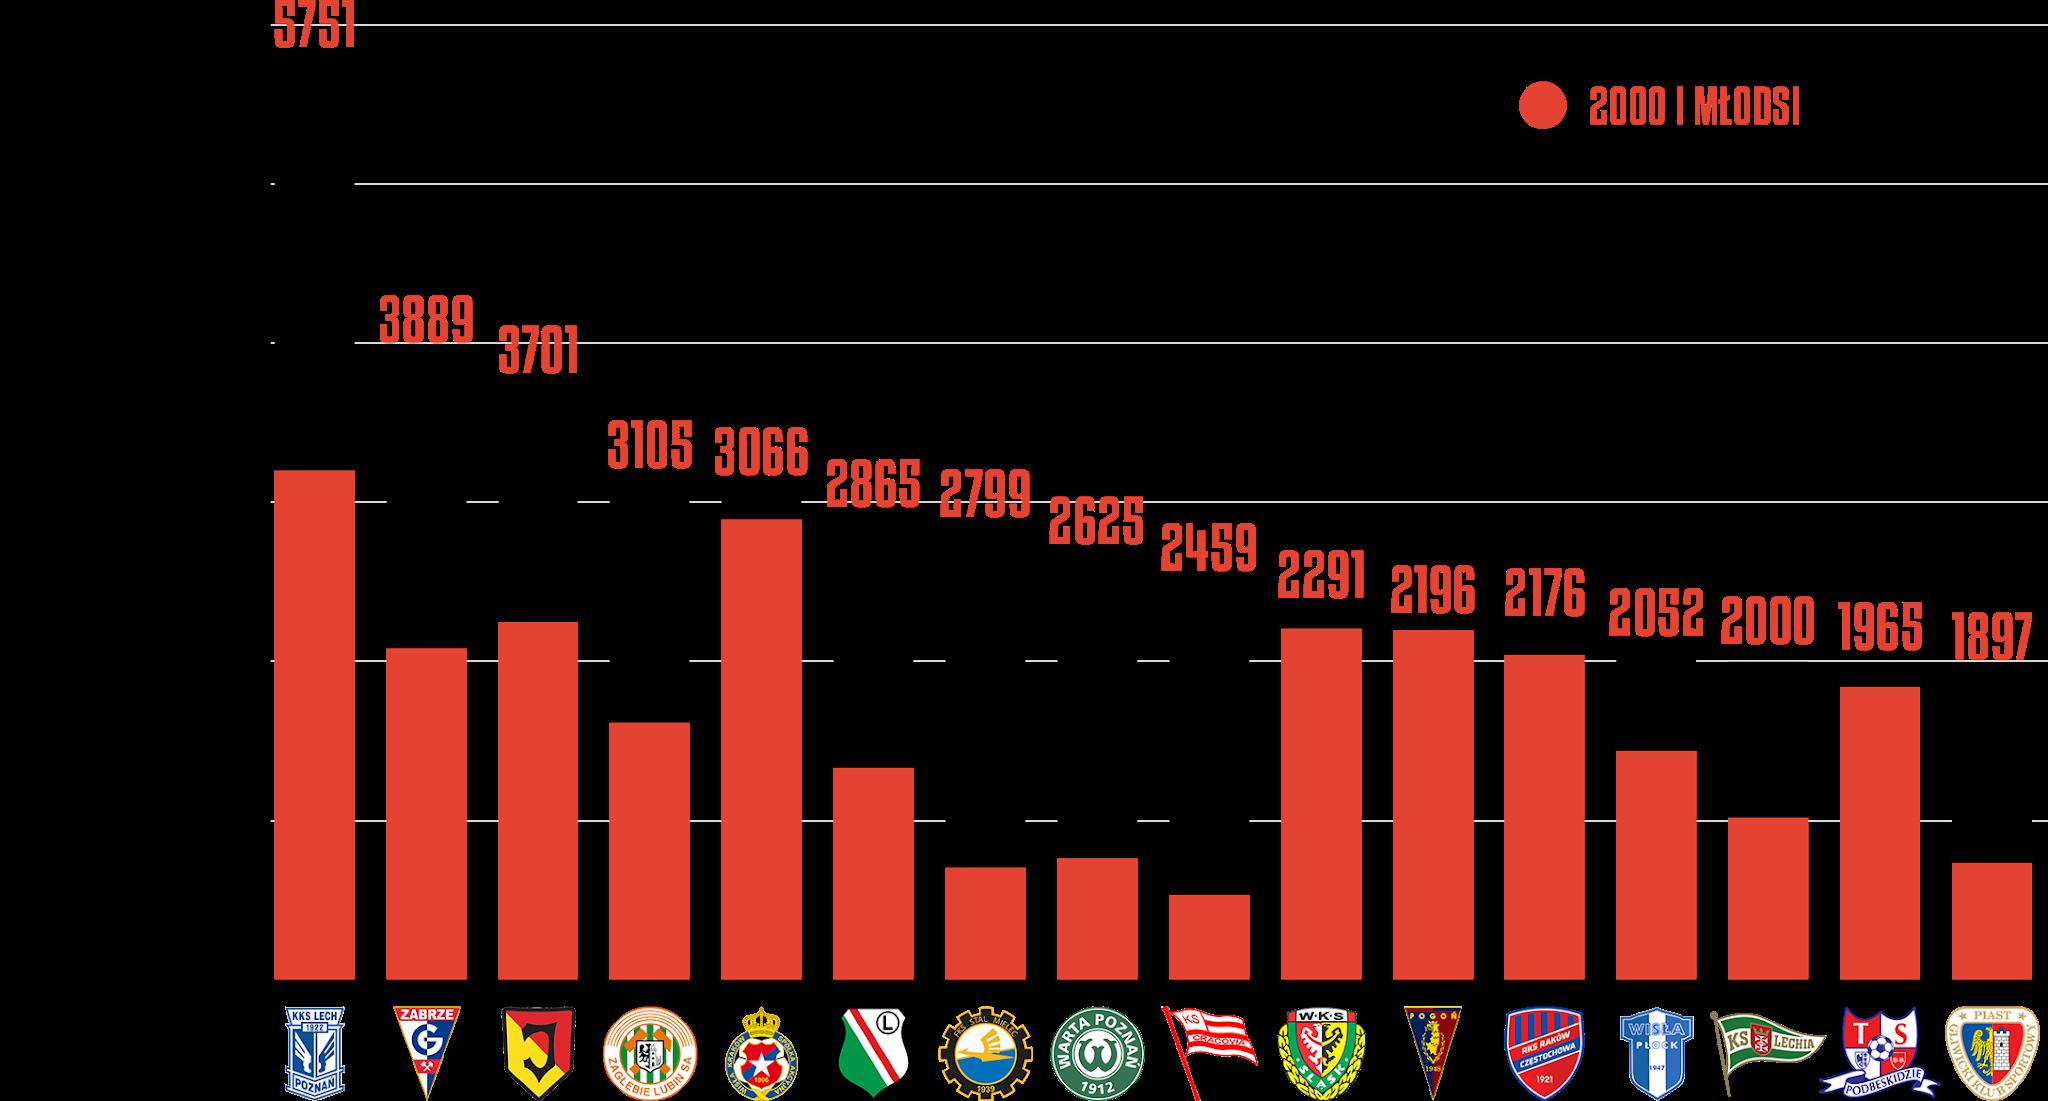 Klasyfikacja klubów pod względem rozegranego czasu przez młodzieżowców po21kolejkach PKO Ekstraklasy<br><br>Źródło: Opracowanie własne na podstawie ekstrastats.pl<br><br>graf. Bartosz Urban